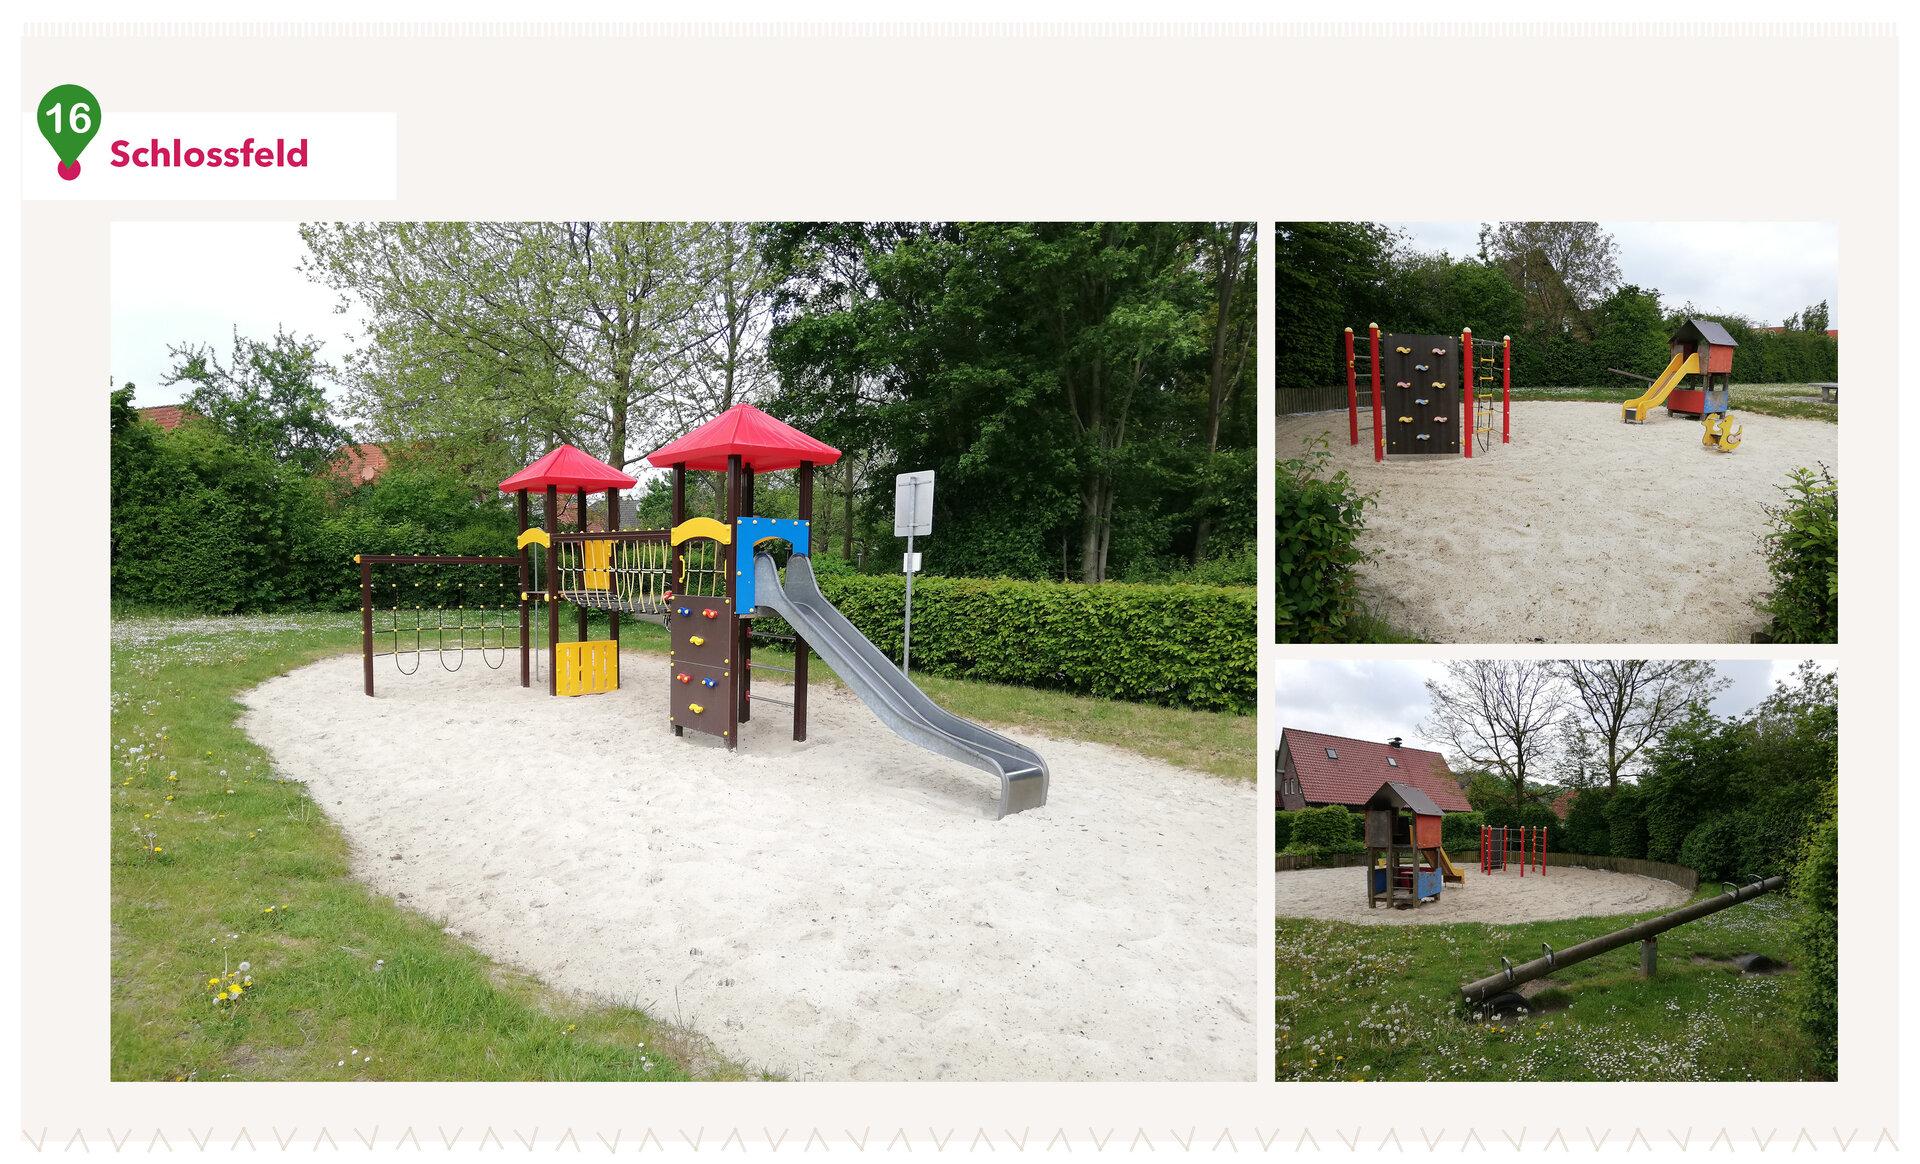 Spielplatz Schlossfeld